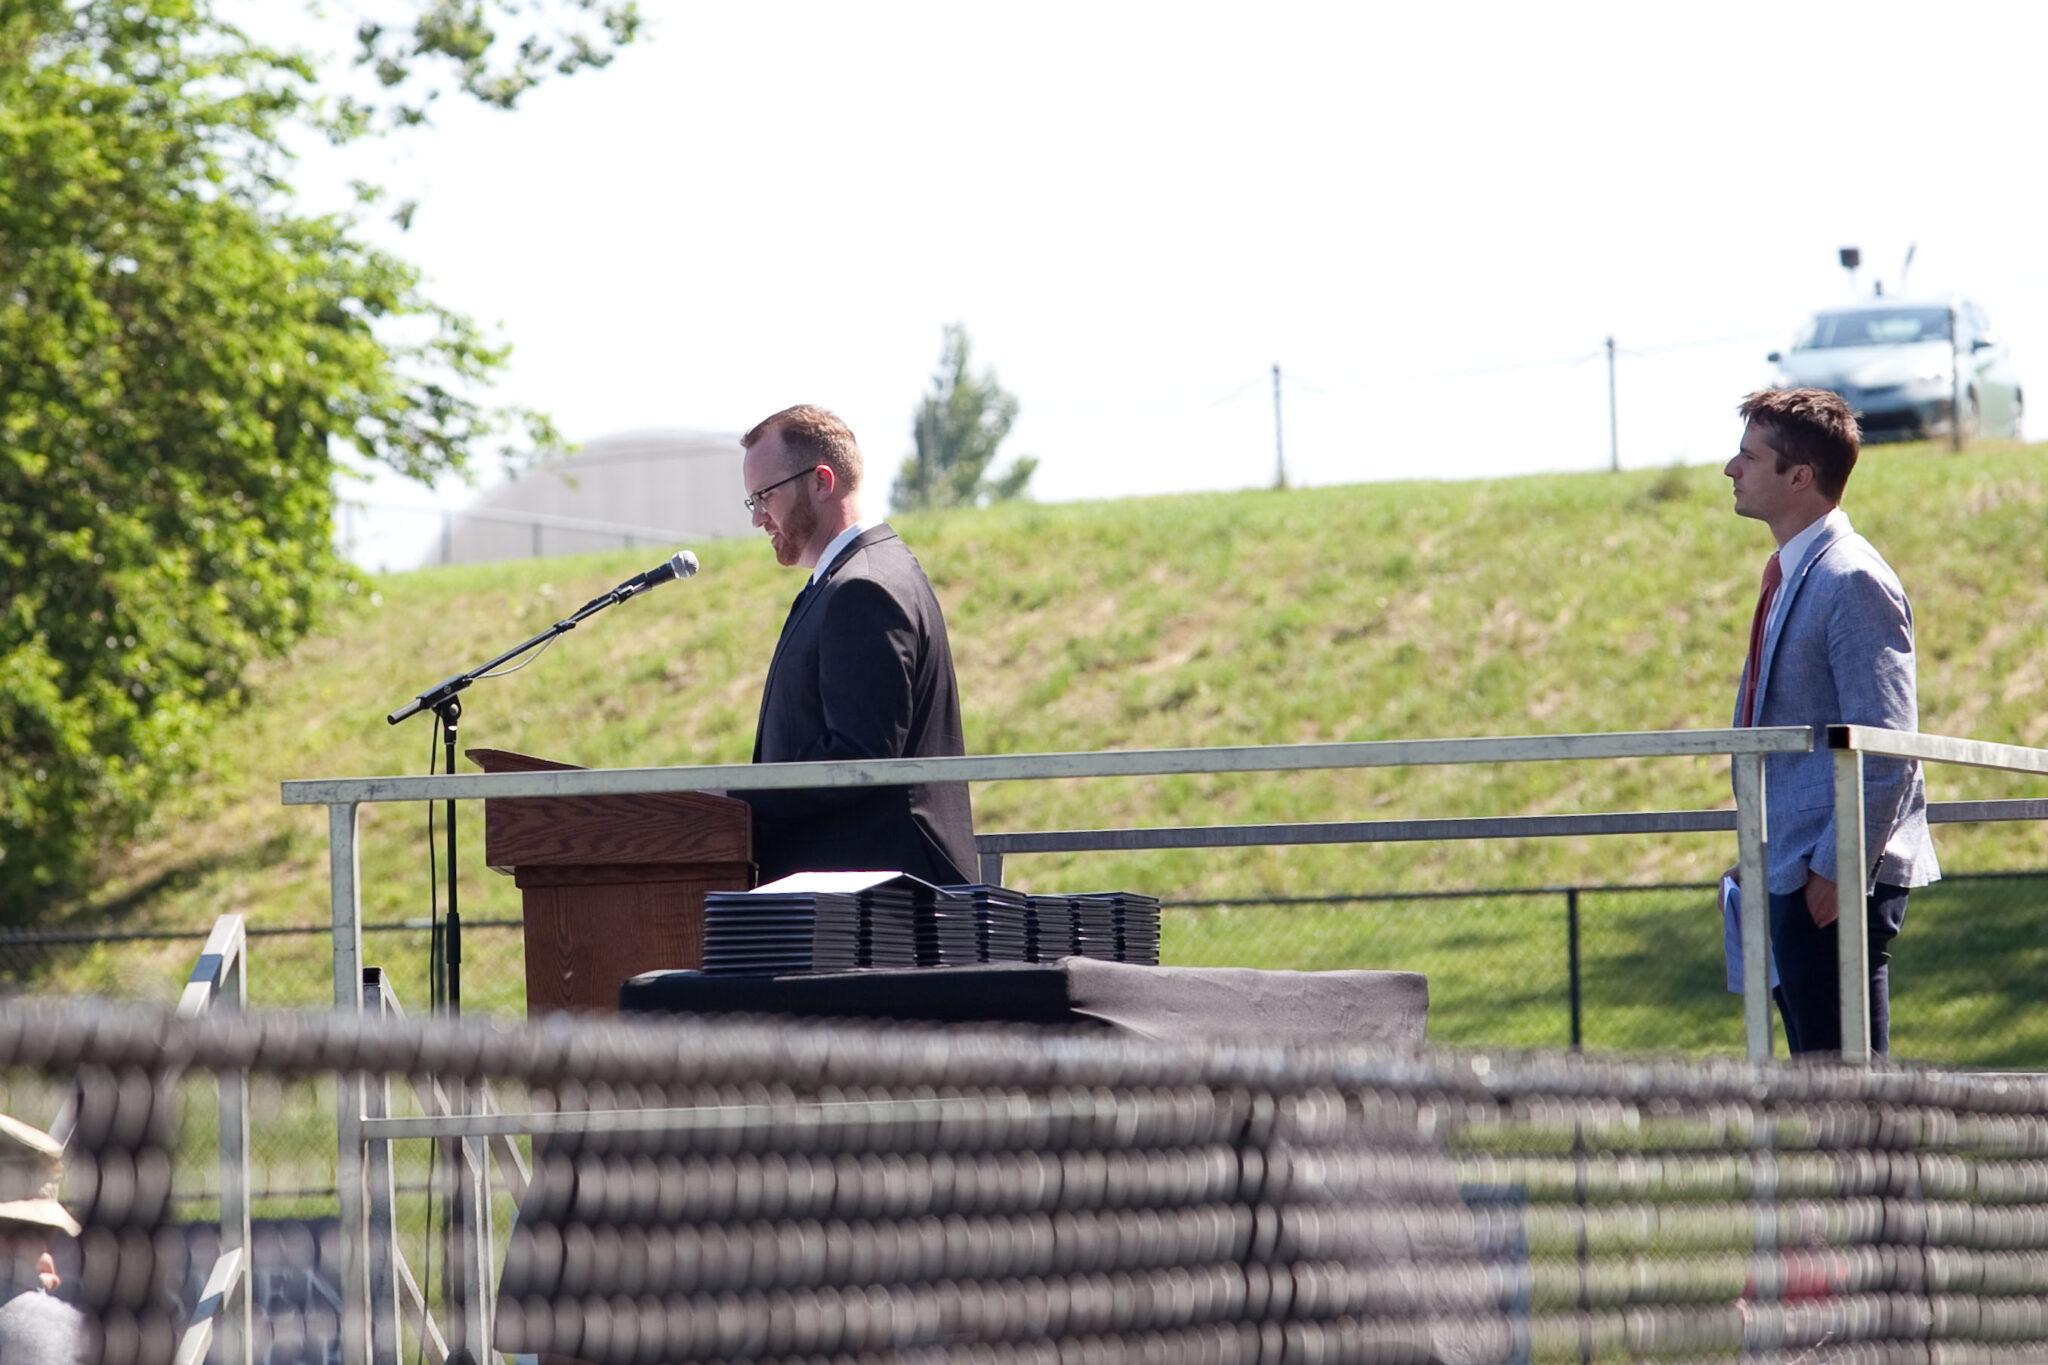 assistant superintendent speaks at podium